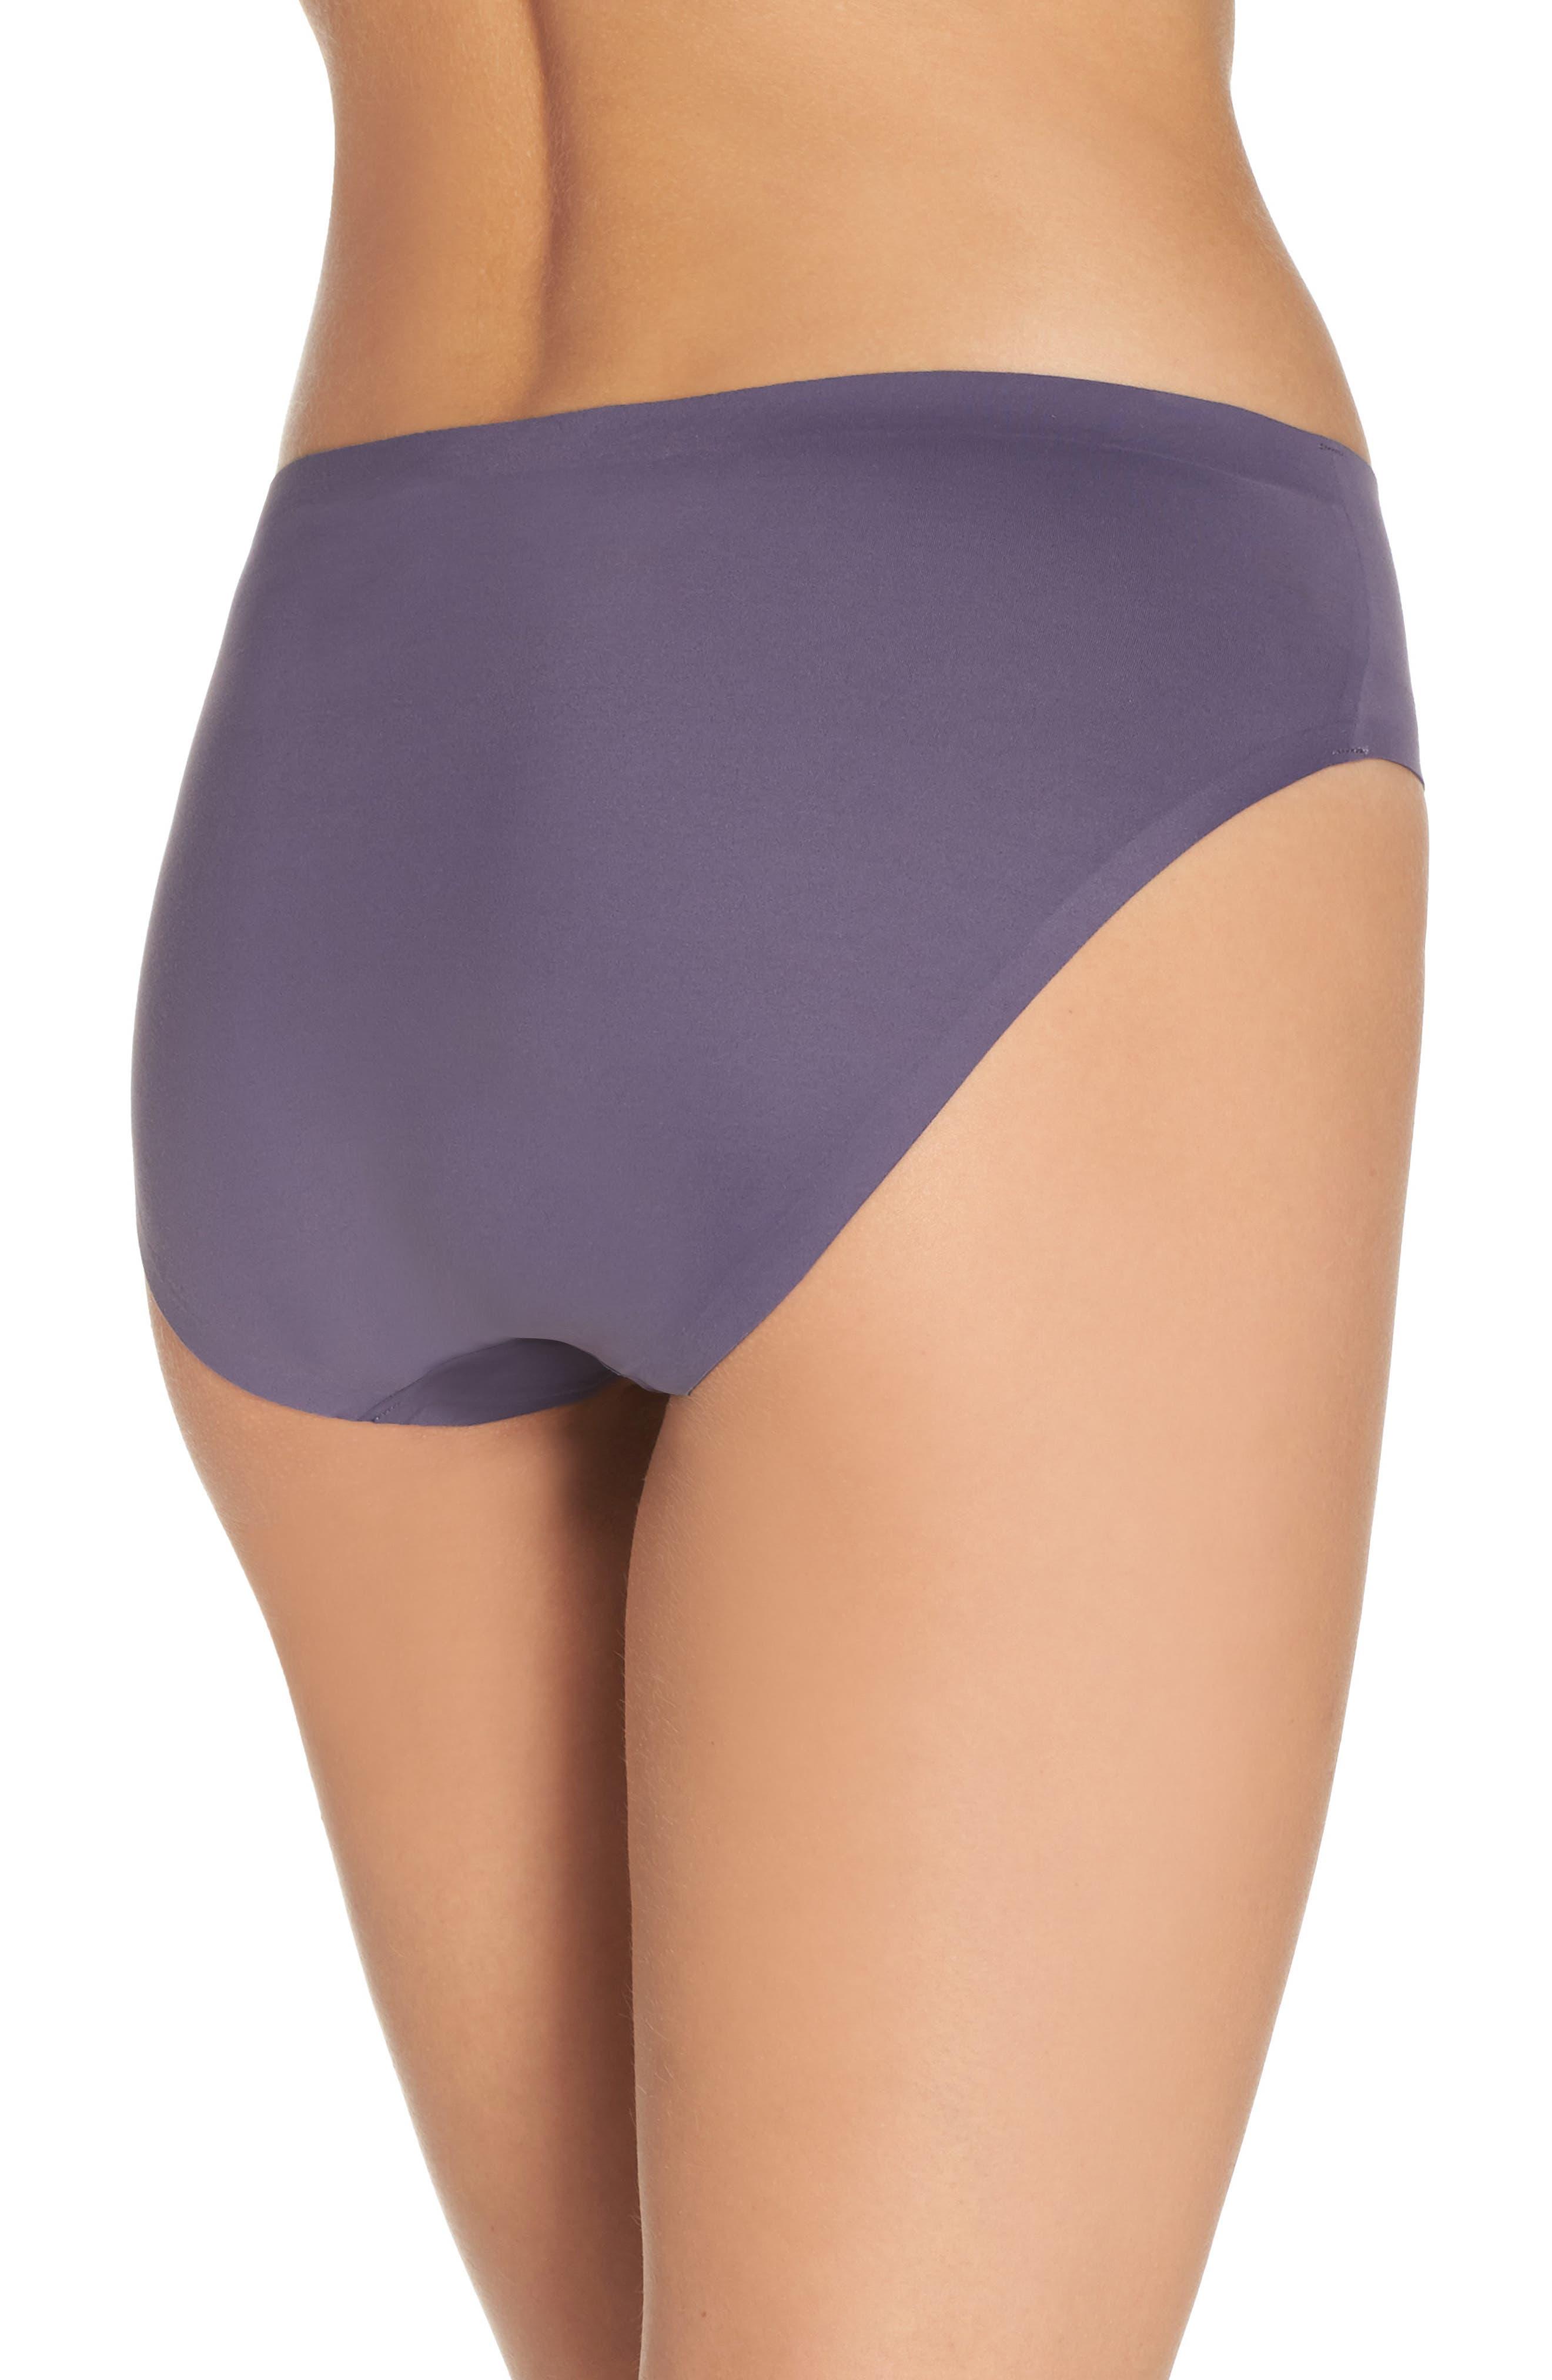 Undie-tectable B'tweenie Panty,                             Alternate thumbnail 2, color,                             Oxidized Purple